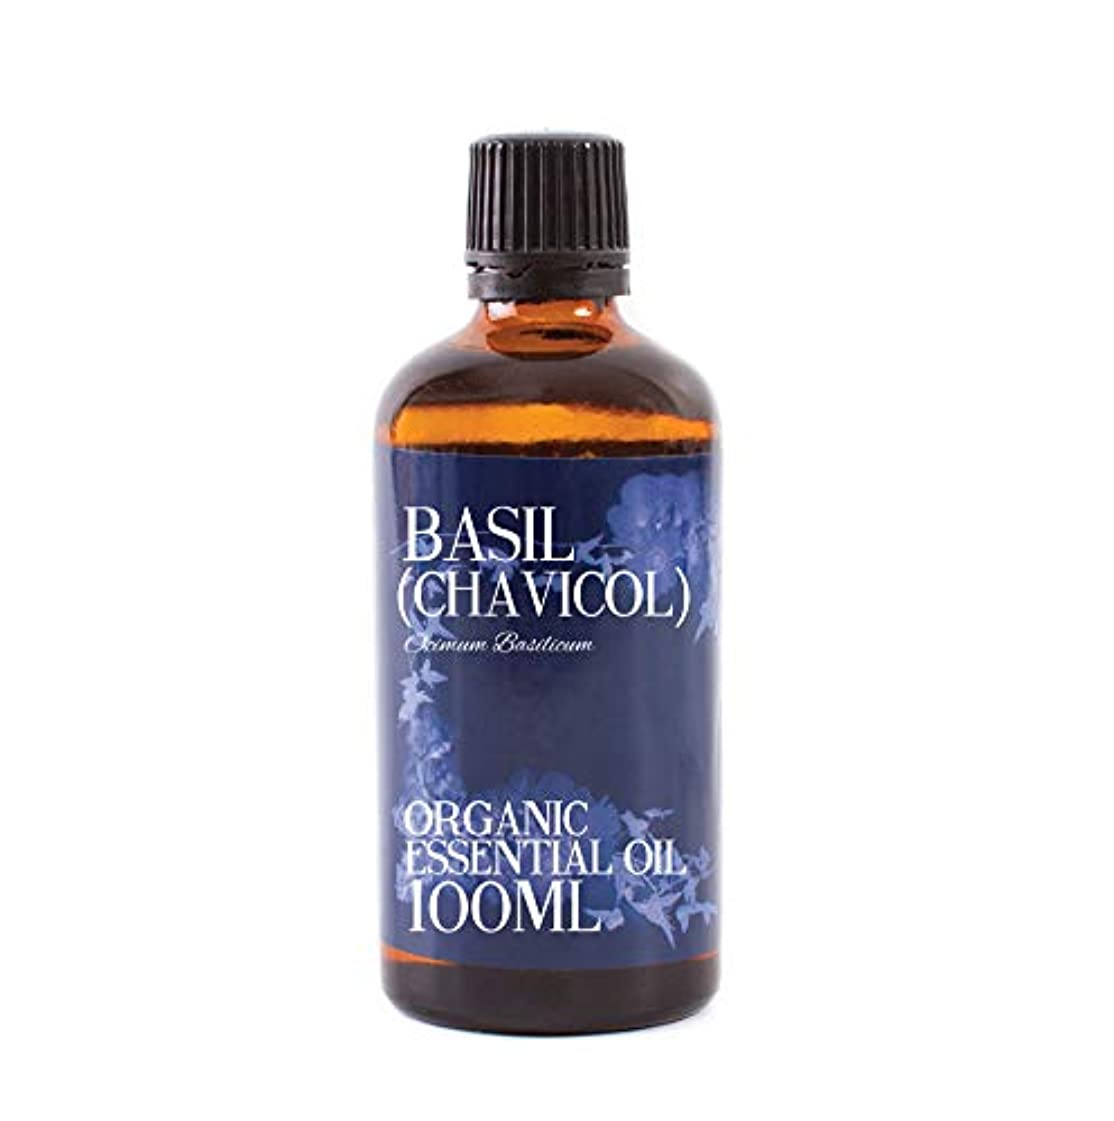 苦行スチュワード彫刻Mystic Moments | Basil (Chavicol) Organic Essential Oil - 100ml - 100% Pure